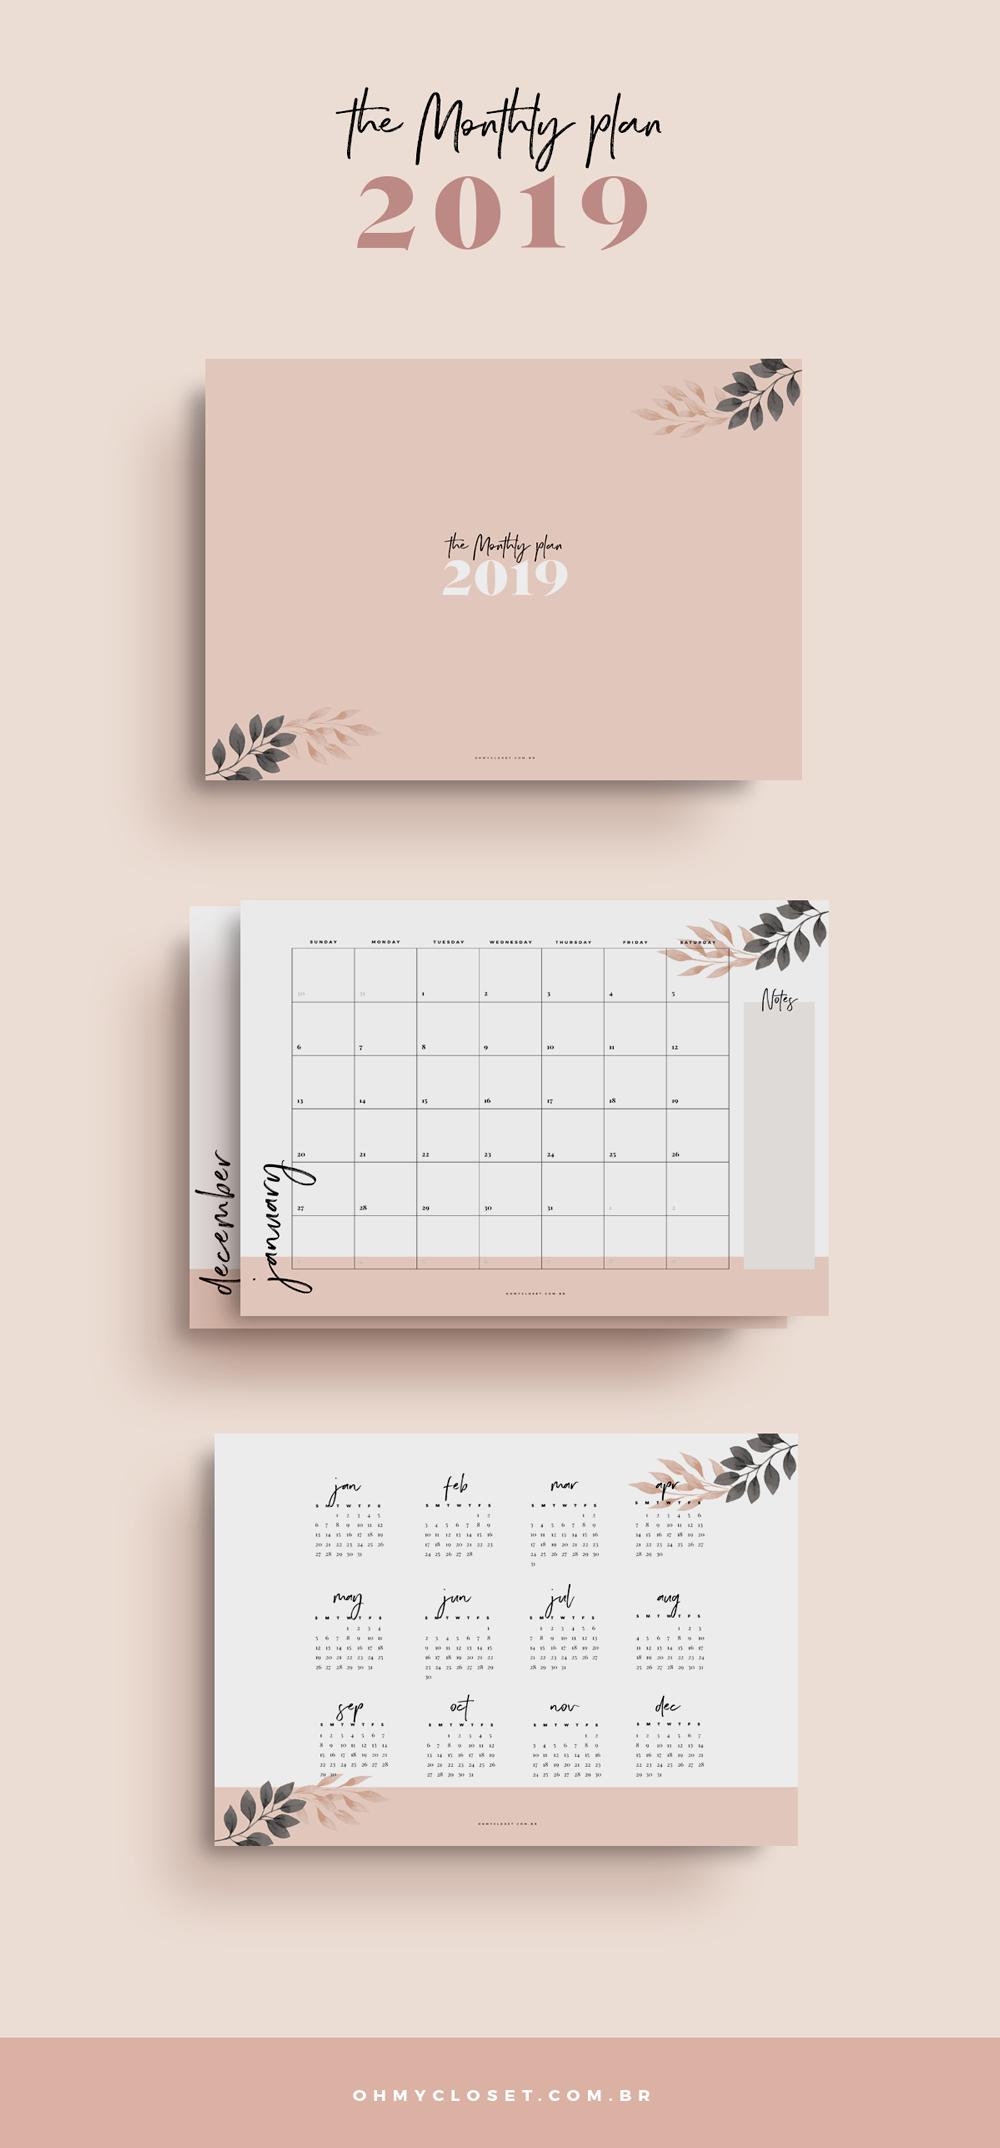 Planner Mensal 2019 do Oh My Closet grátis para baixar e imprimir.